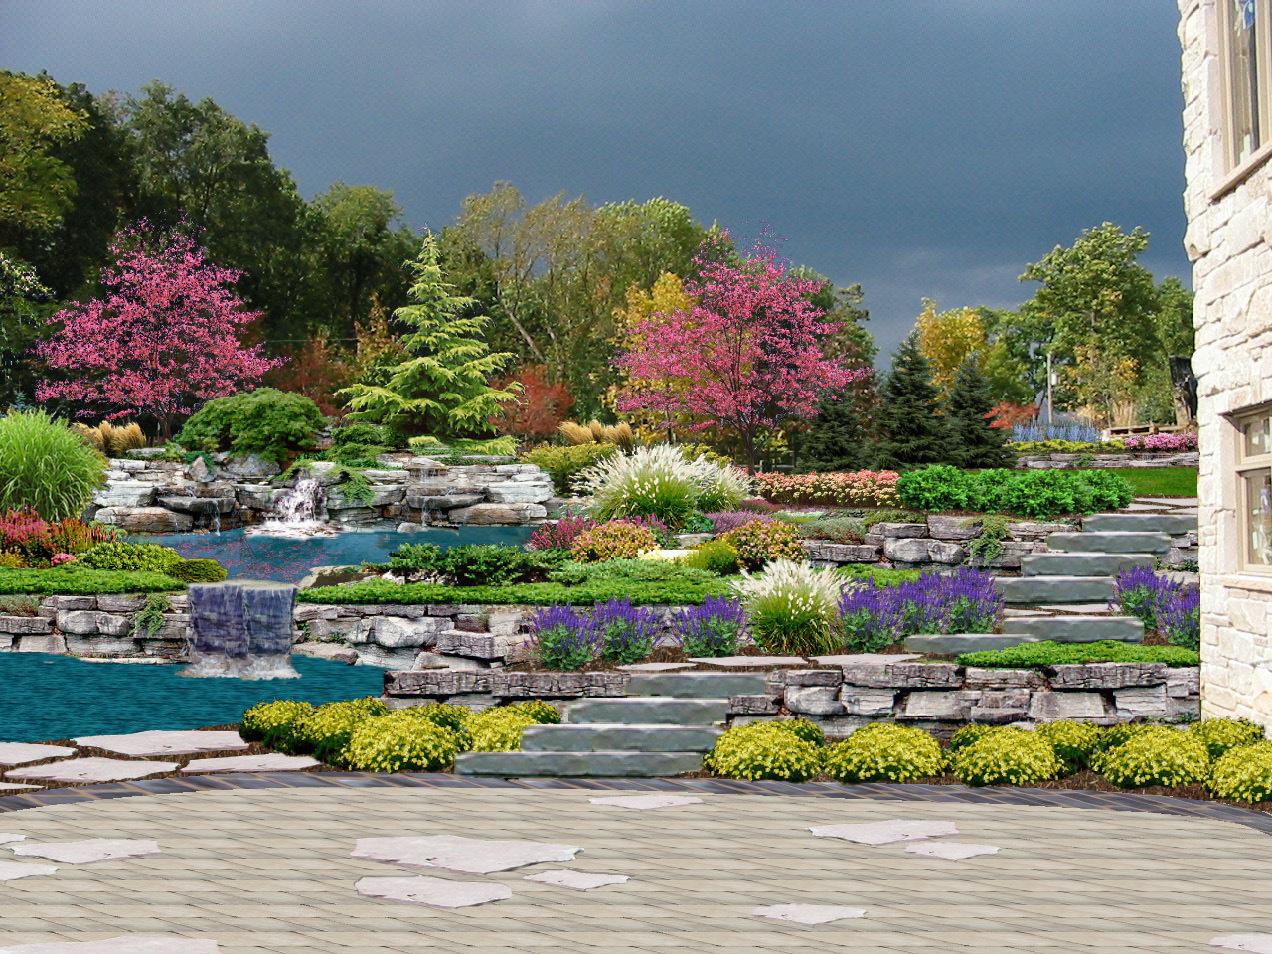 На террасах размещают декоративные посадки, газоны, рокарии, можно создать каскад или водопад с небольшим водоемом.